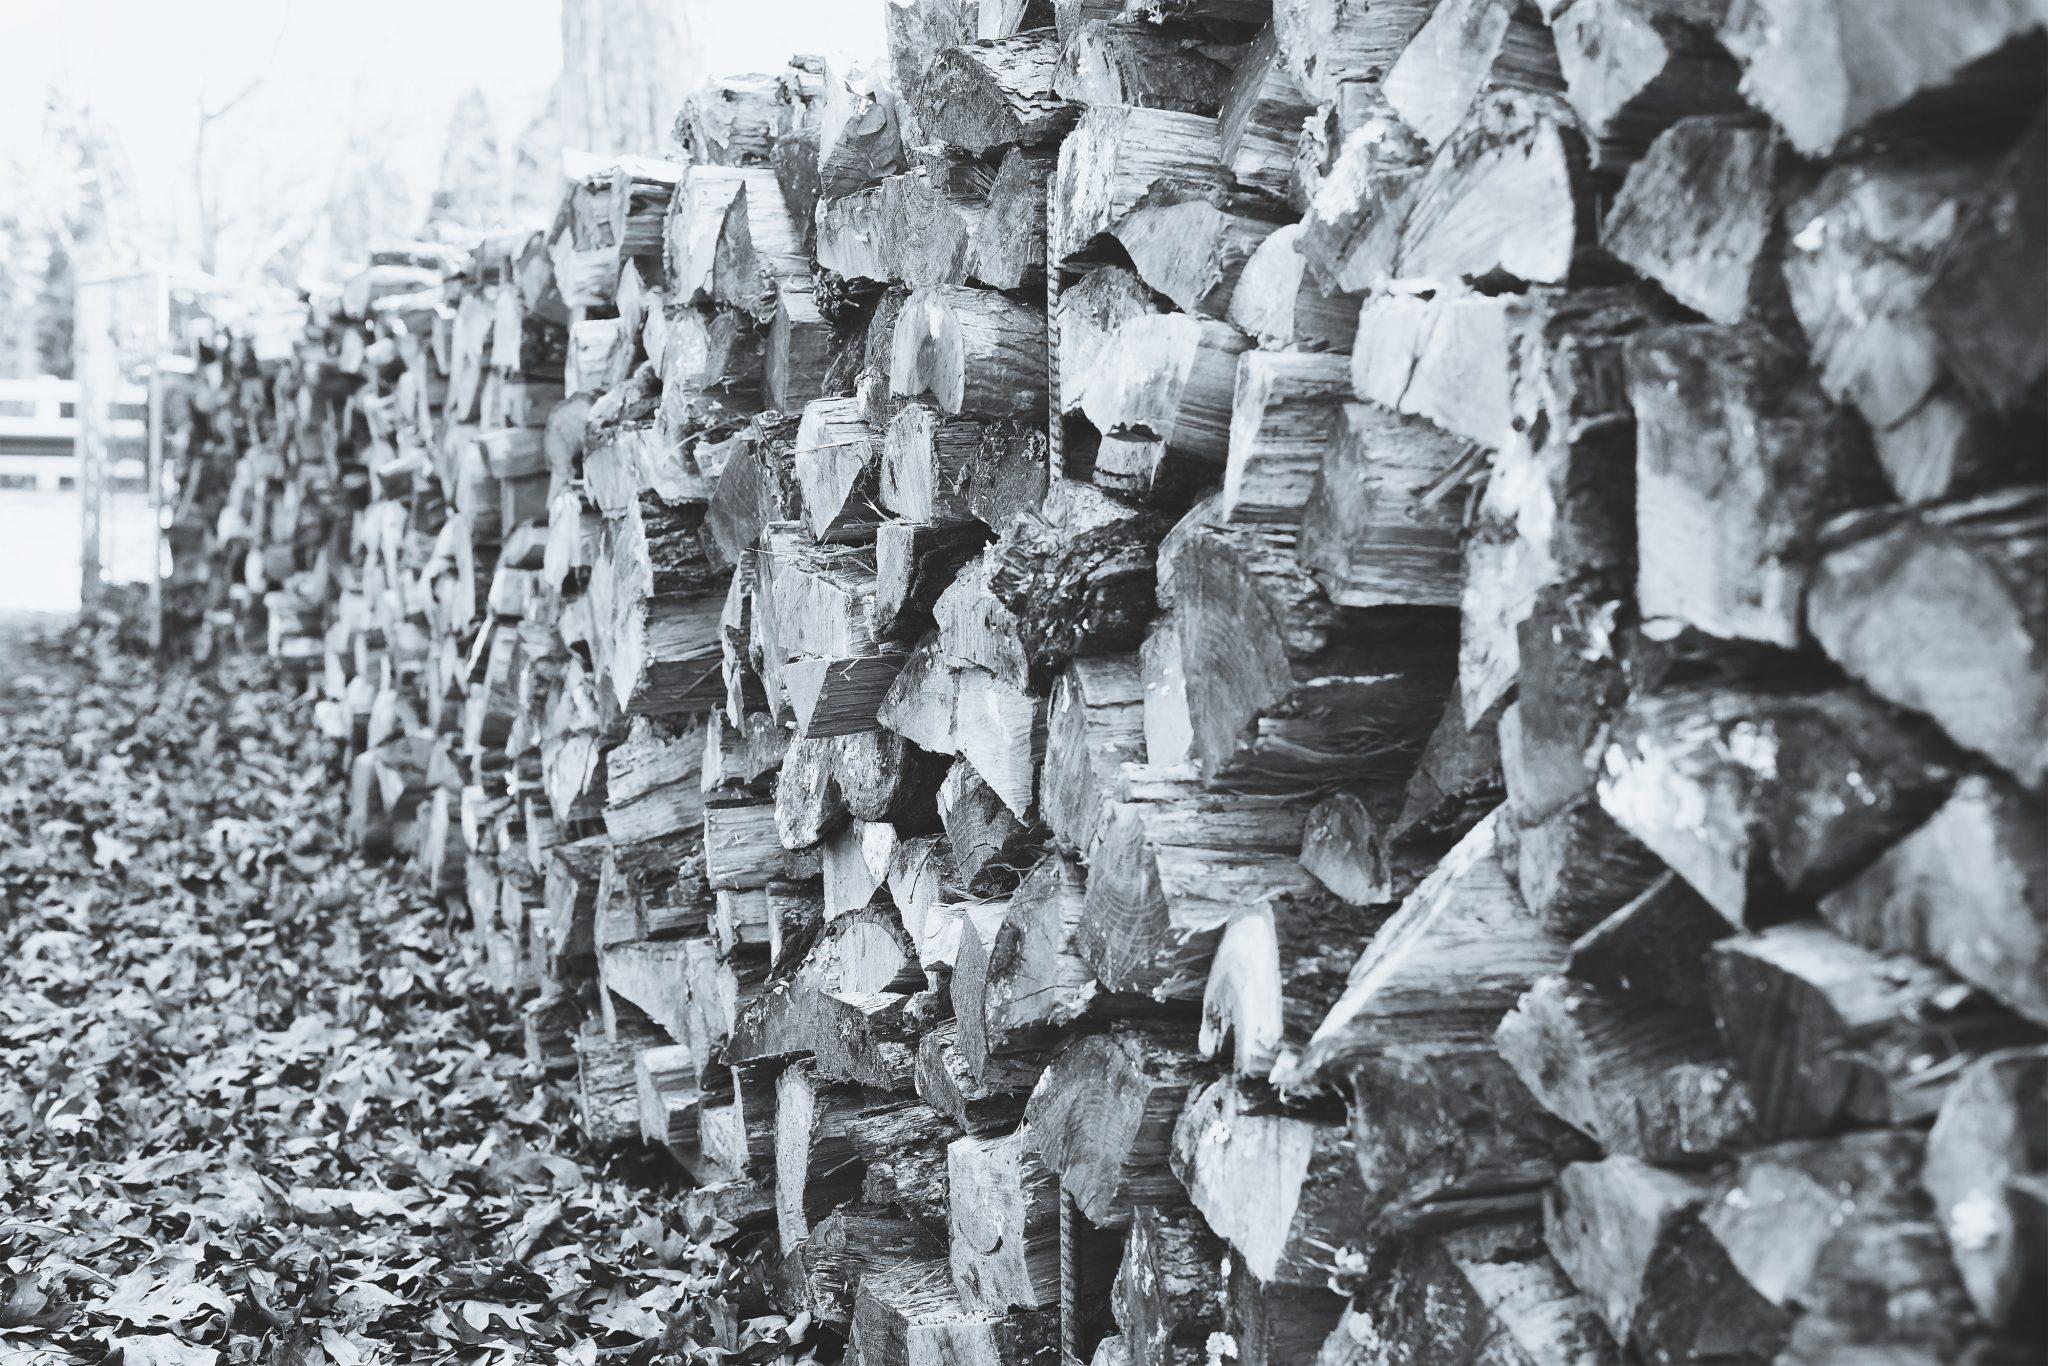 brennholz4you Lagerung - Ihr zuverlässiger Lieferant für Brennholz